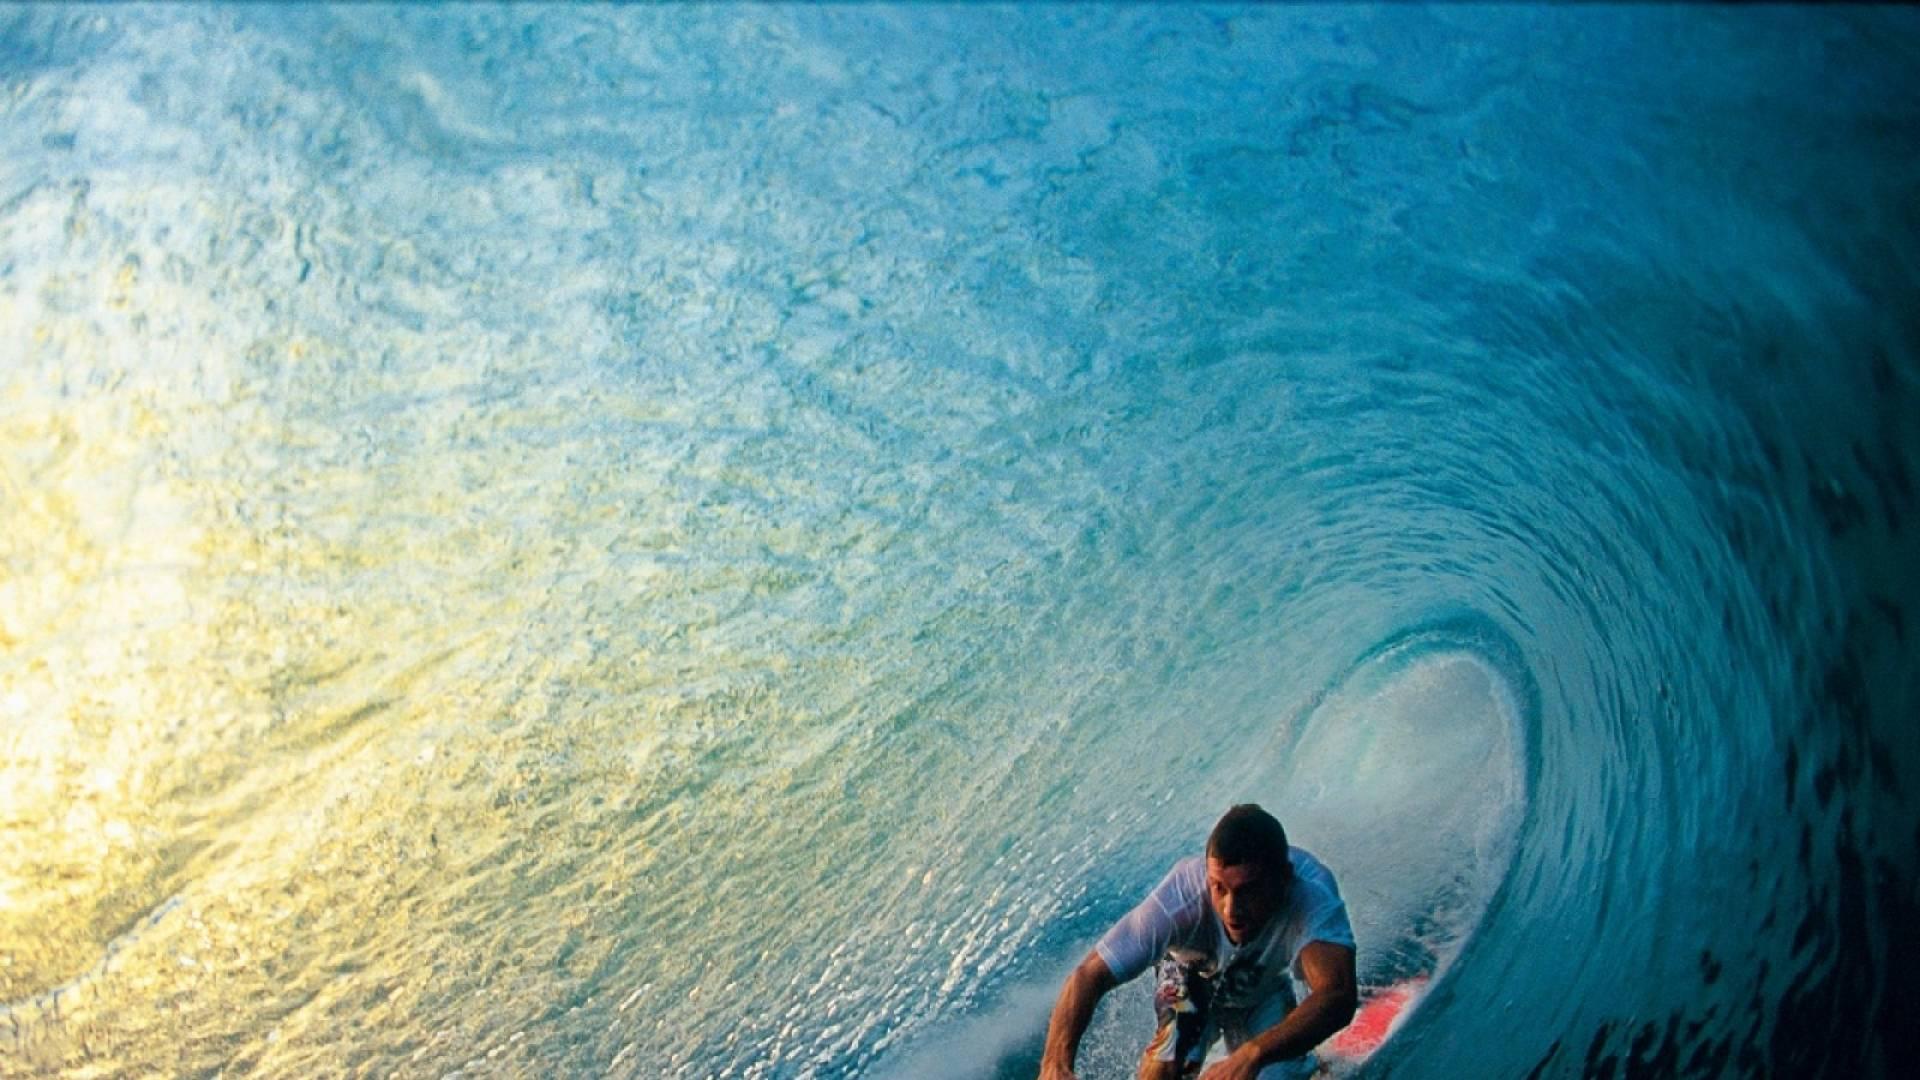 URL httpblackdreamercomsurfing wallpaper 1920x1080 37html 1920x1080